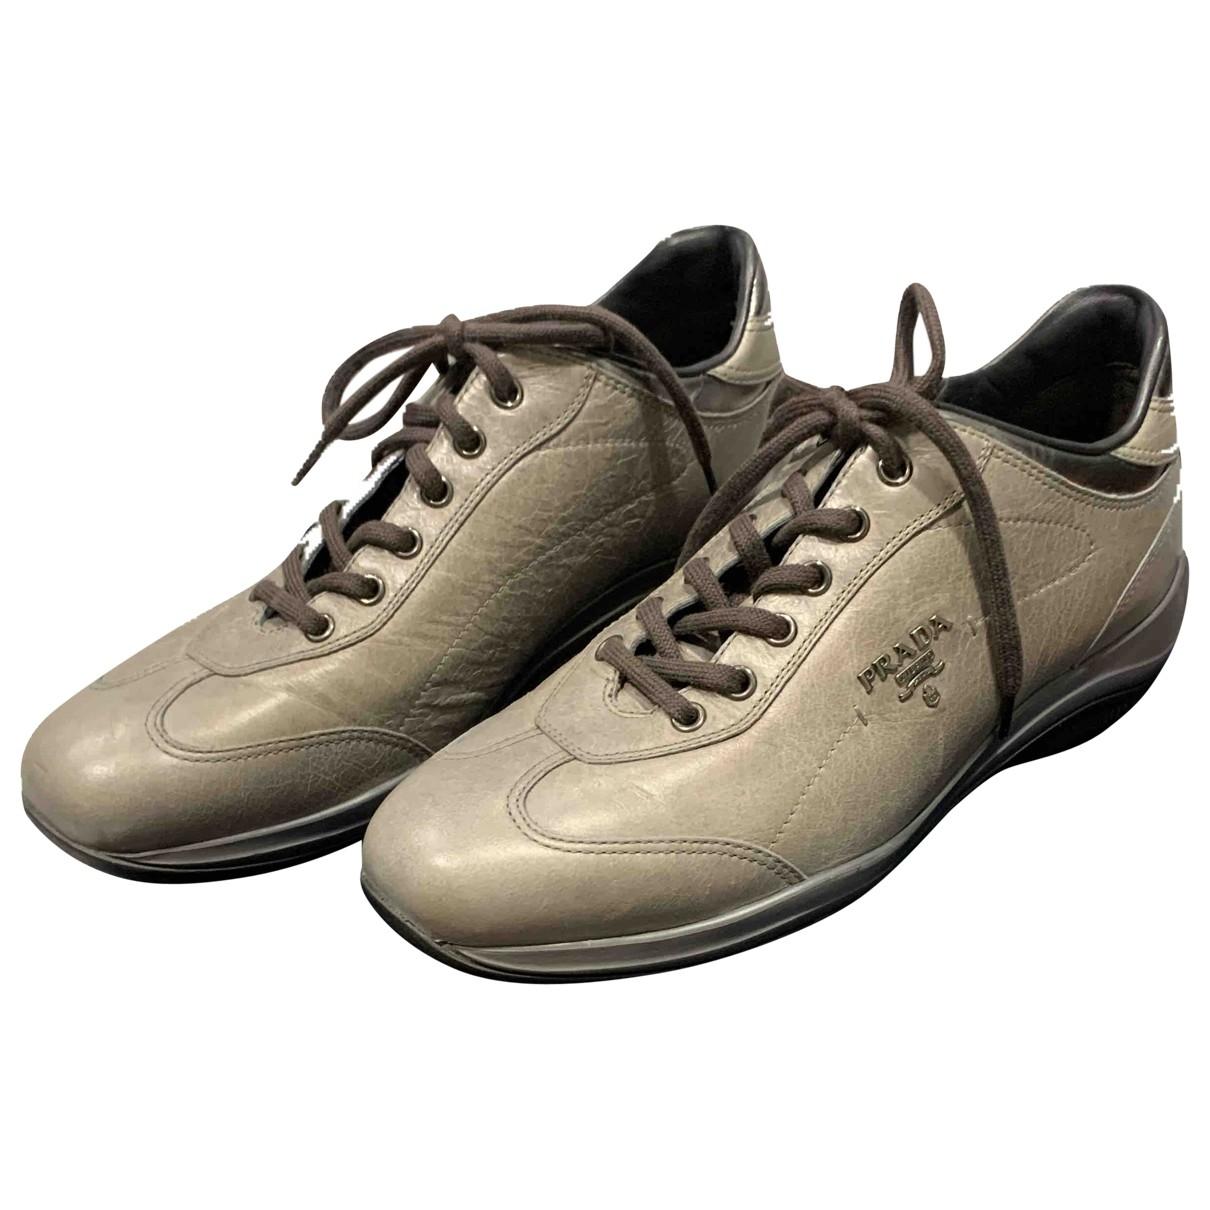 Prada \N Sneakers in  Grau Leder